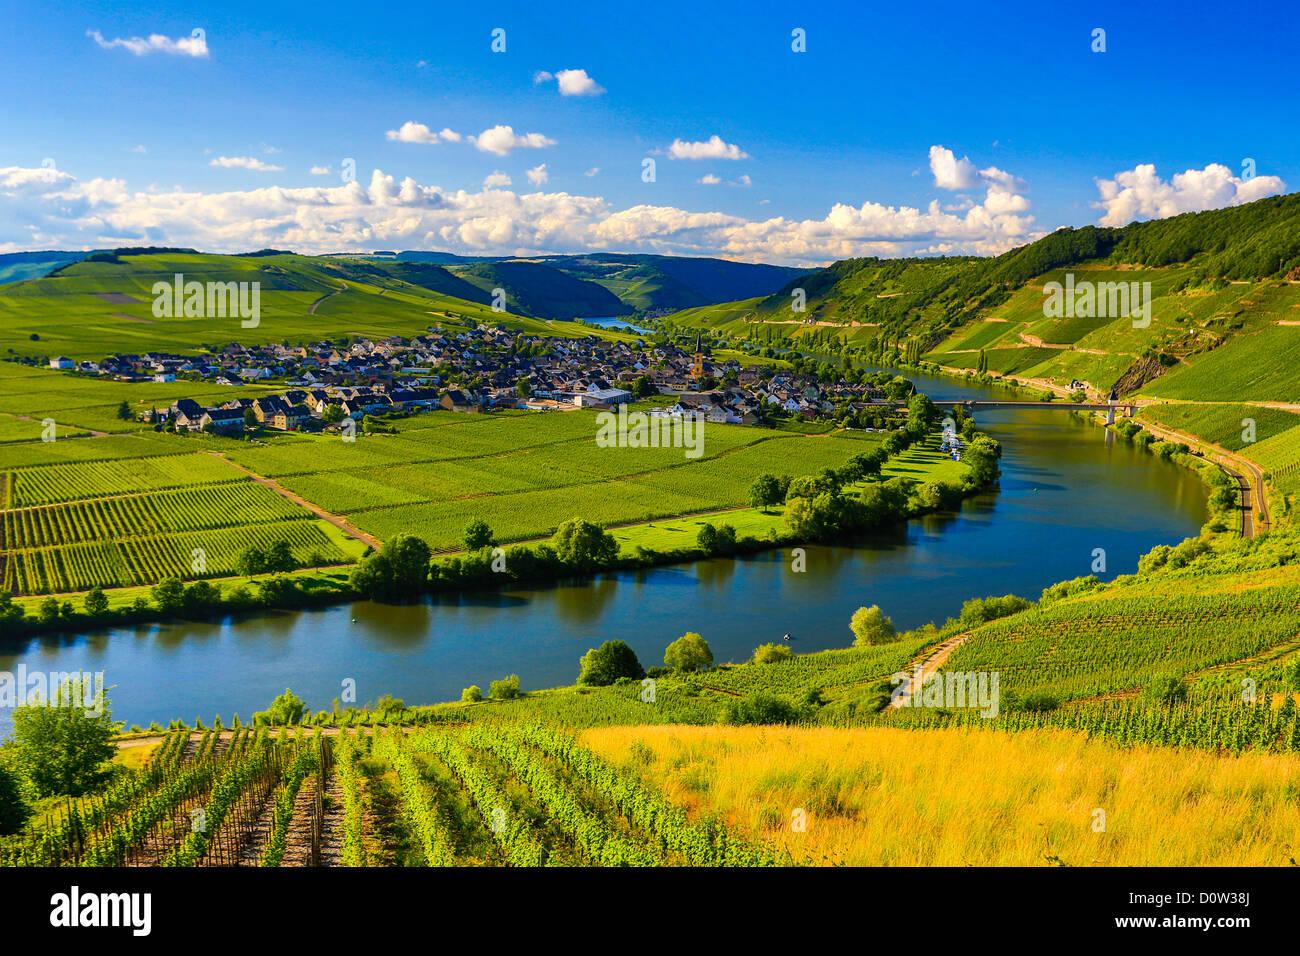 Germania, Europa, viaggi, Moseltal, della Mosella, Trittenheim, Moselle, Fiume, vigneti, agricoltura, piegare, nuvole, Immagini Stock